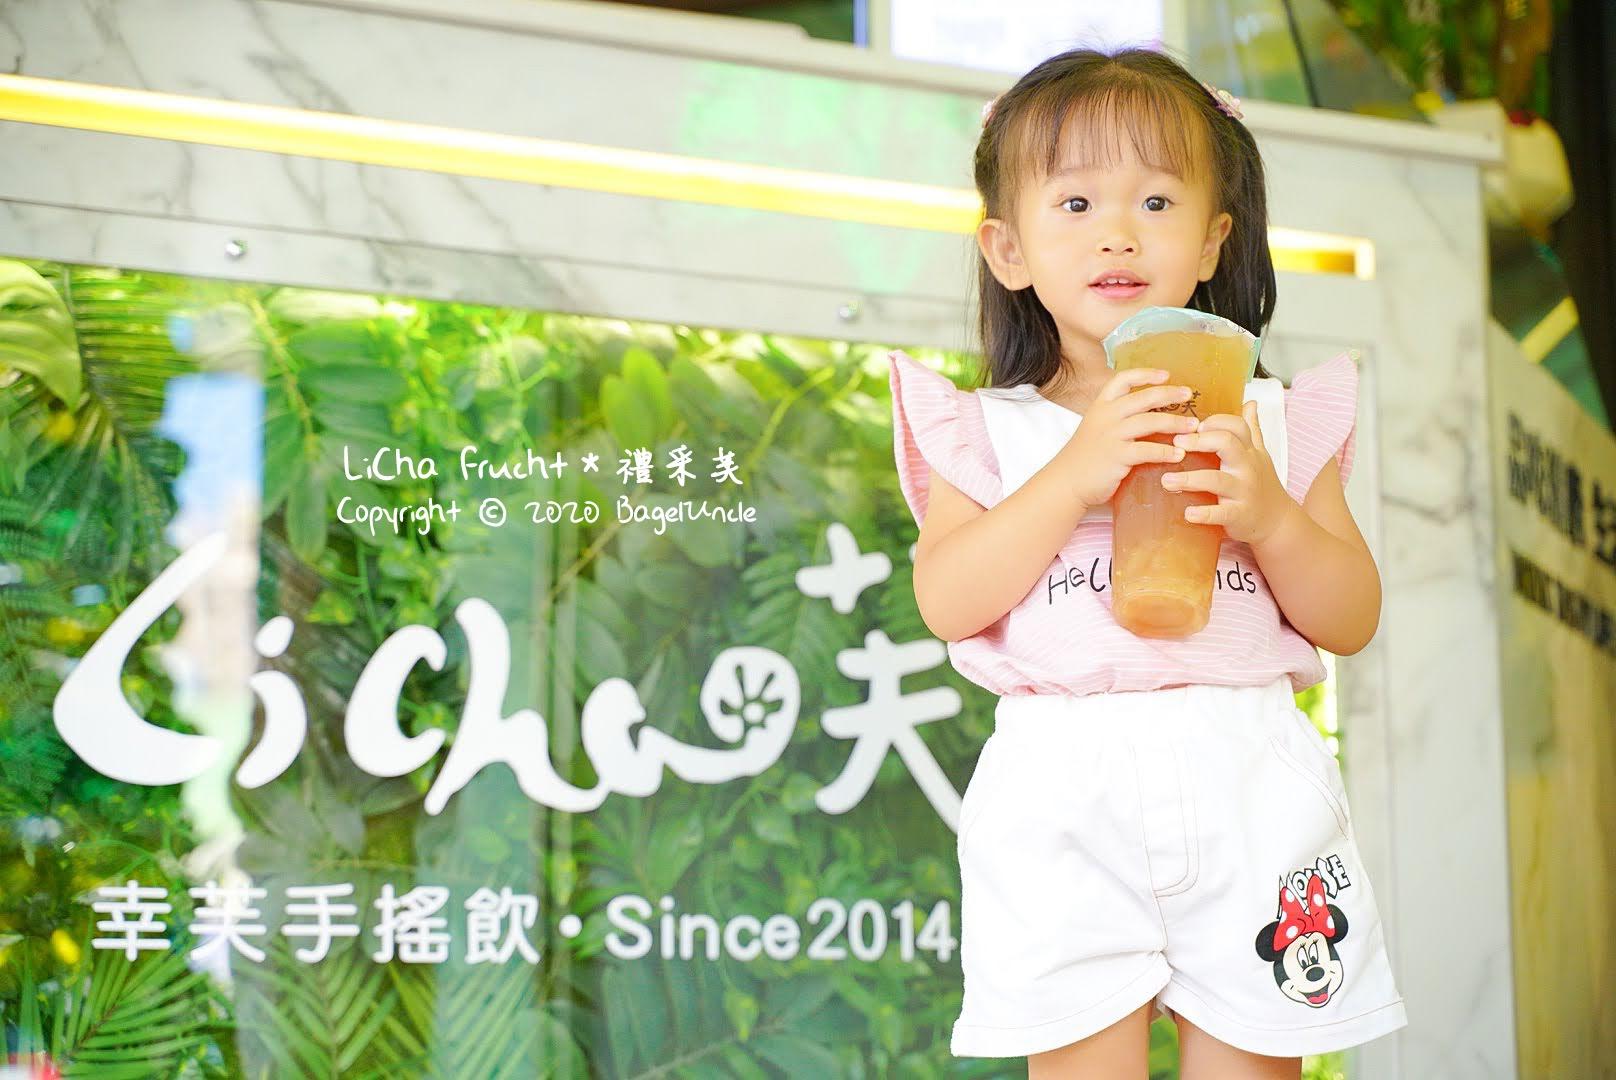 【美食】Licha禮采芙-桃園大溪 採用台灣冠軍茶 為全茶品基底,呈現「質甘、味醇、餘韻長」的美好